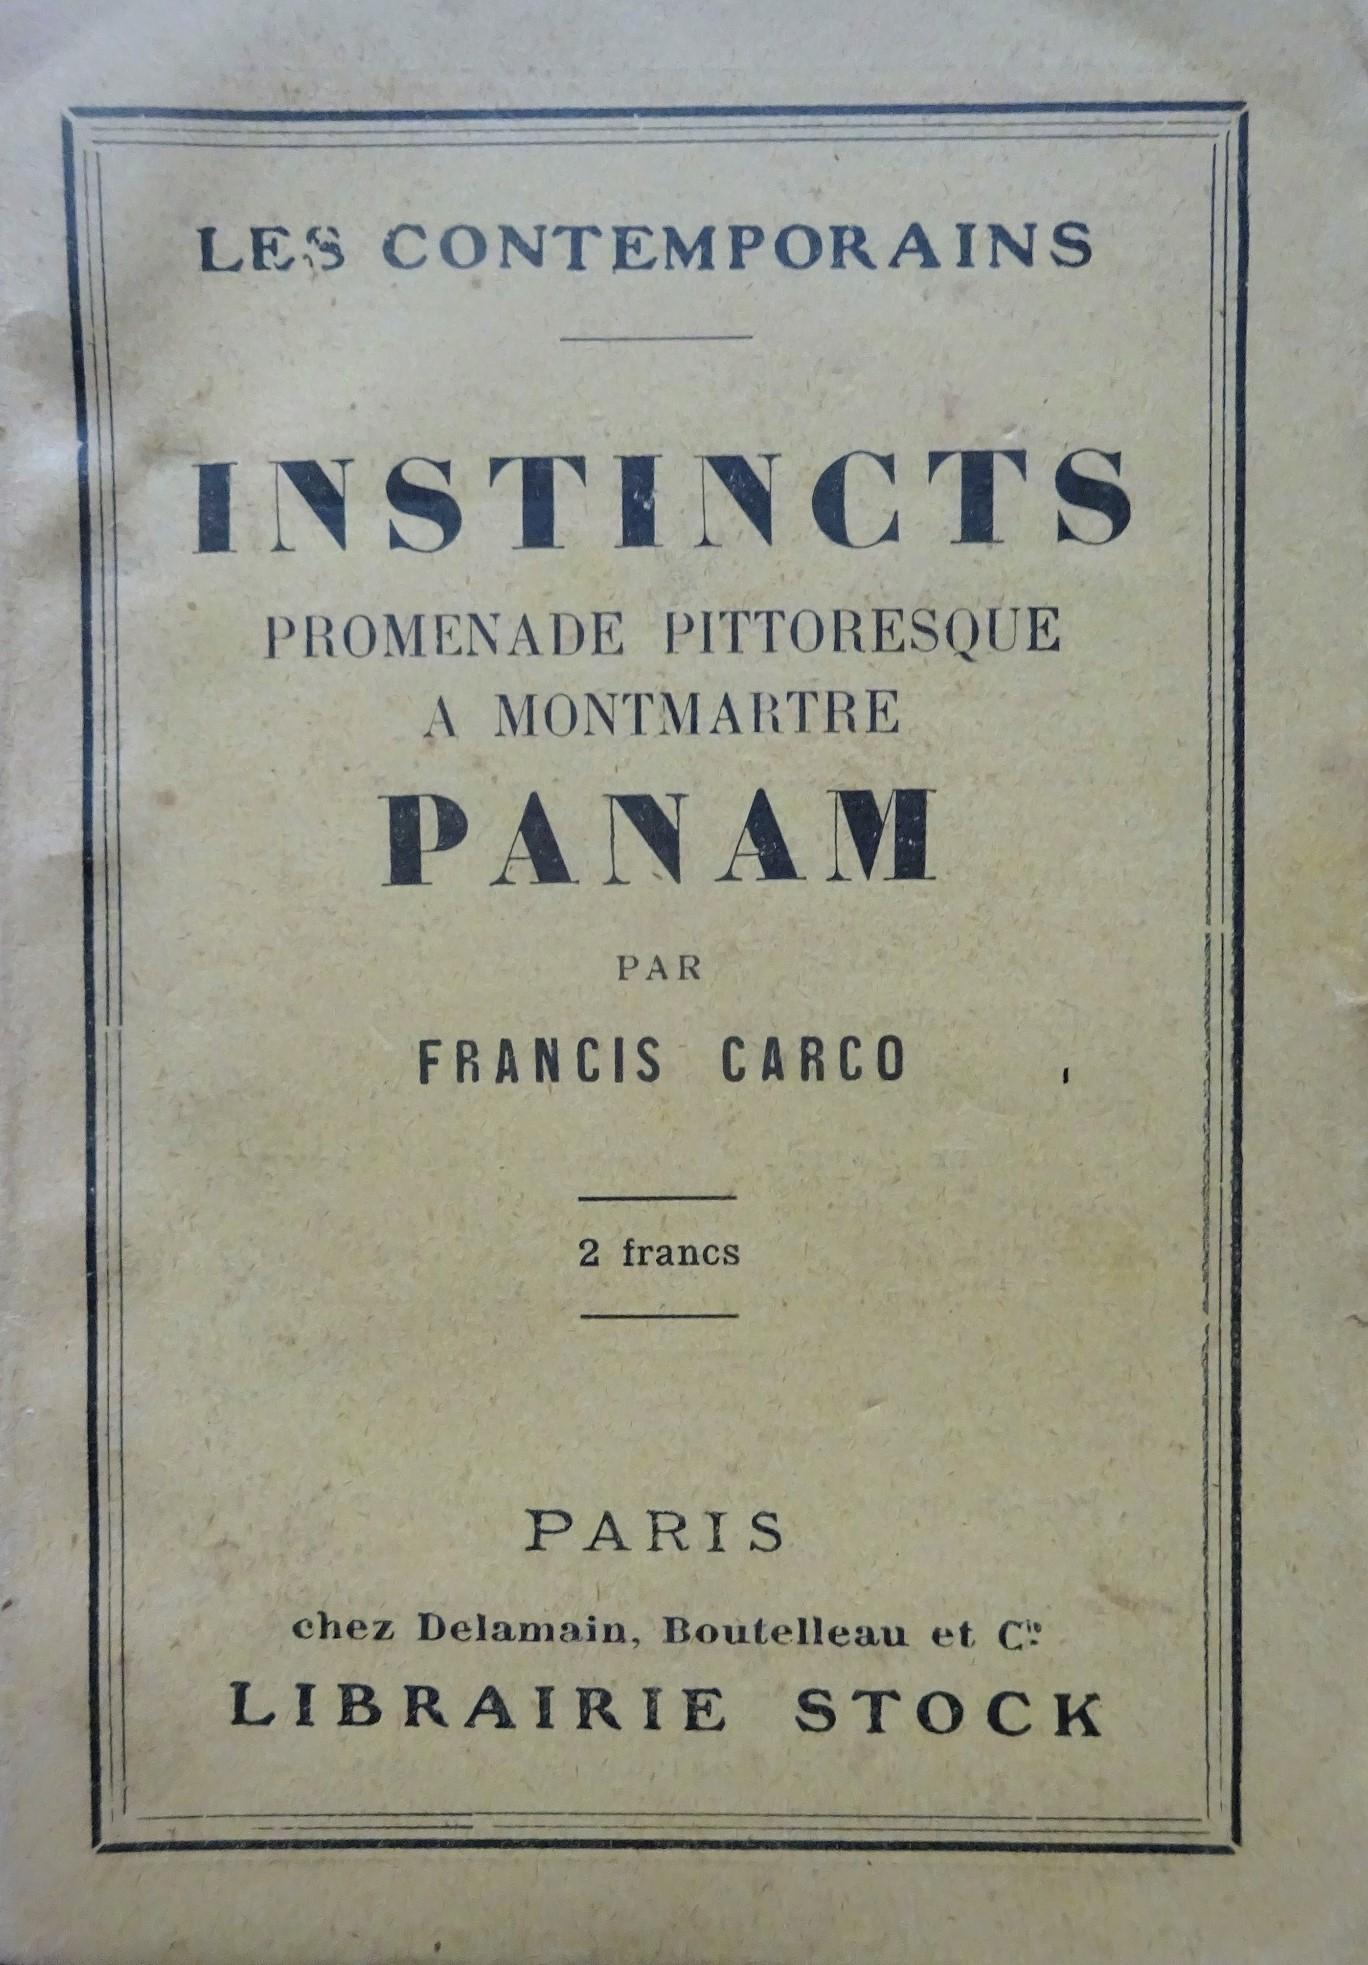 1922. Instincts. Promenade pittoresque à Montmartre. Panam